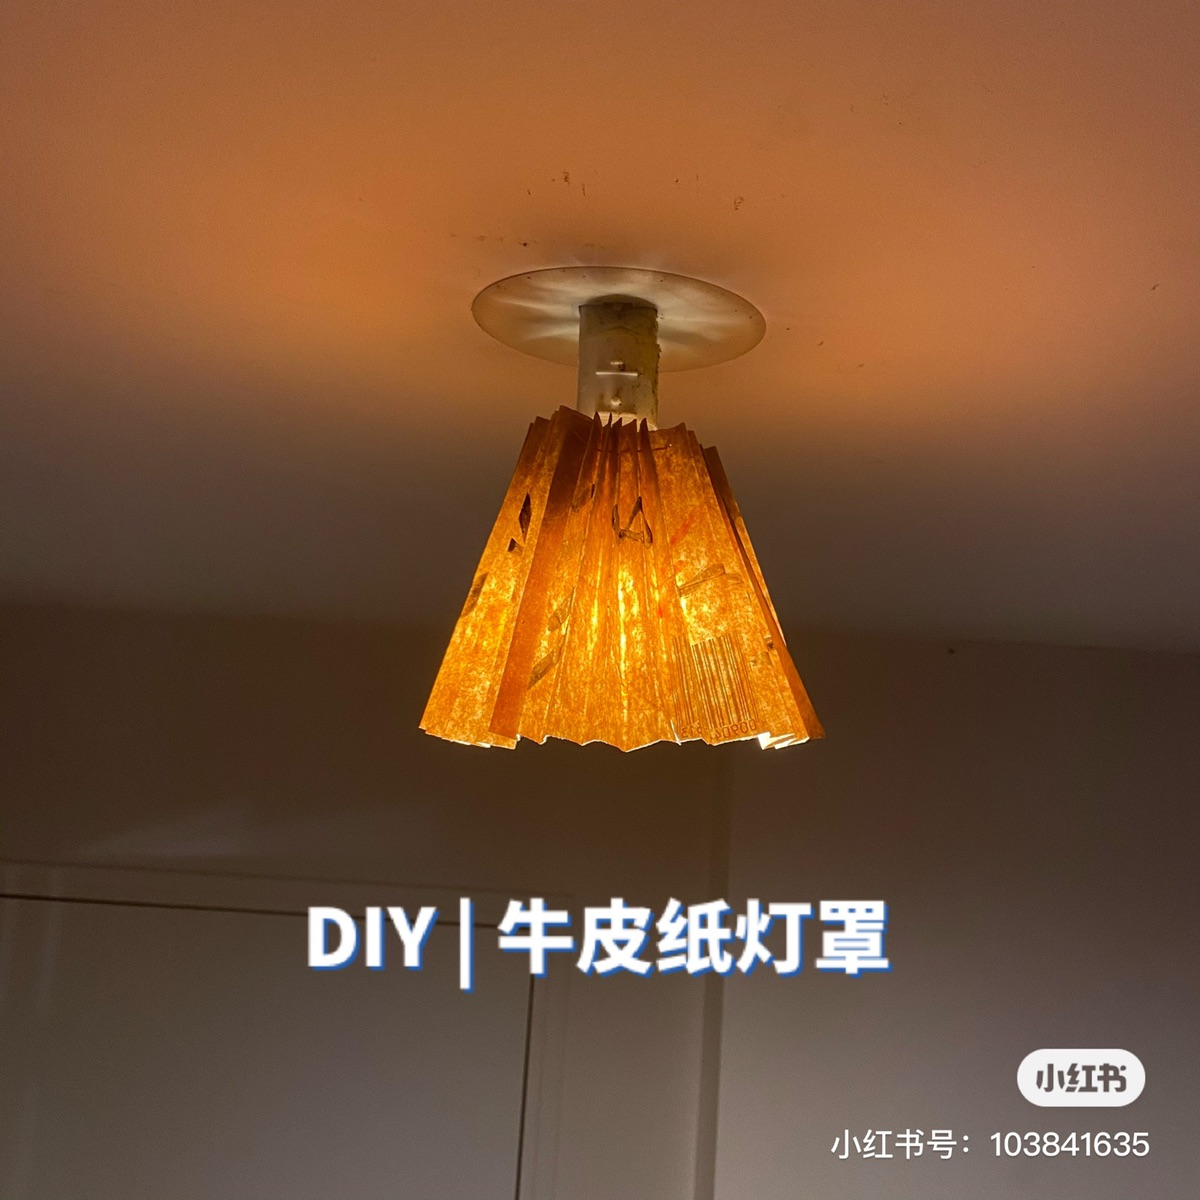 DIY    封城手工   牛皮纸灯罩子